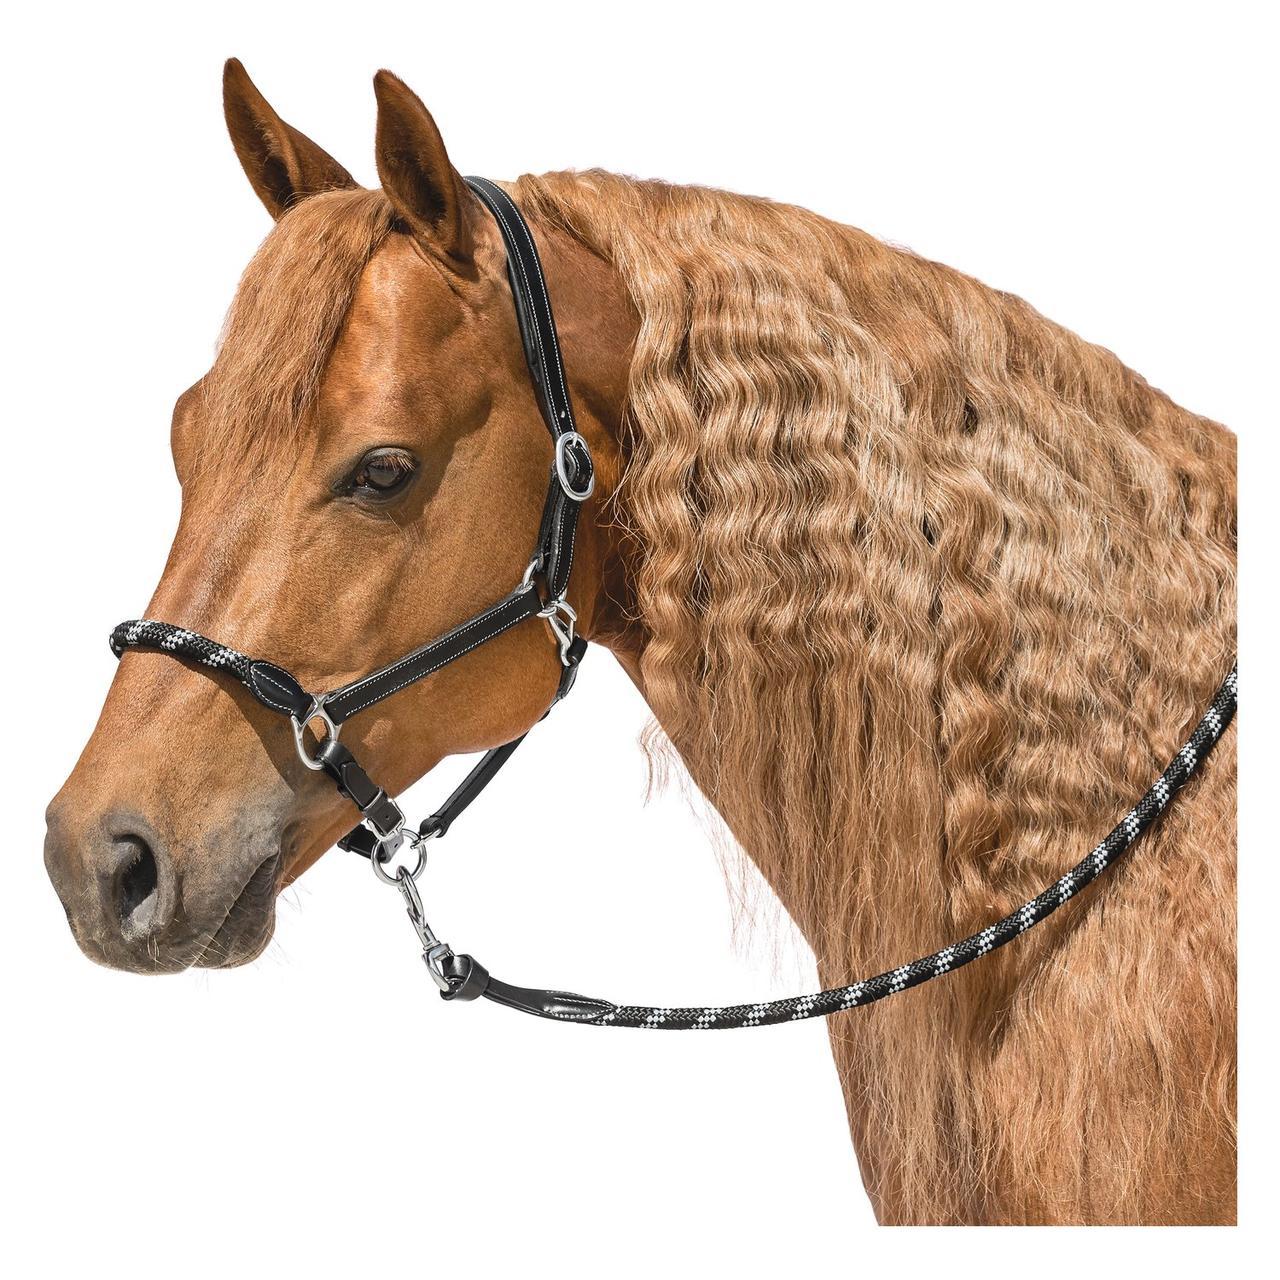 Уздечка и недоуздок для лошади, узда своими руками